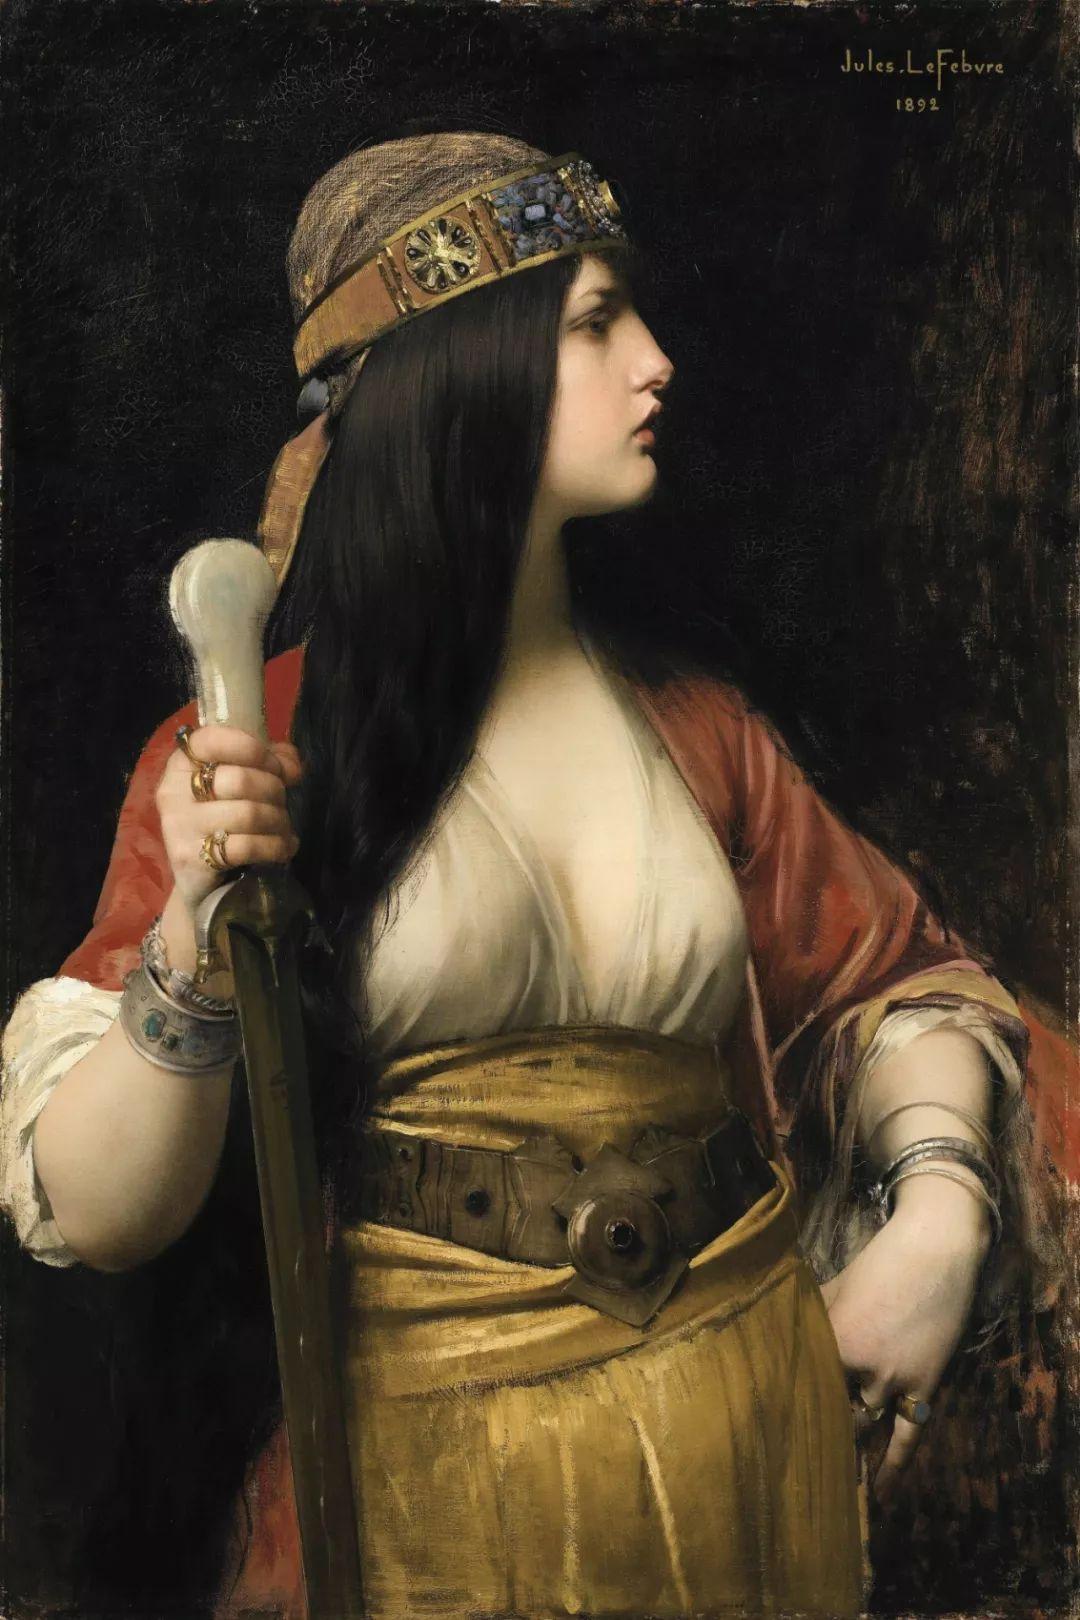 对不起,你的人像作品美到我了!法国学院派画家Jules Joseph Lefebvre插图41